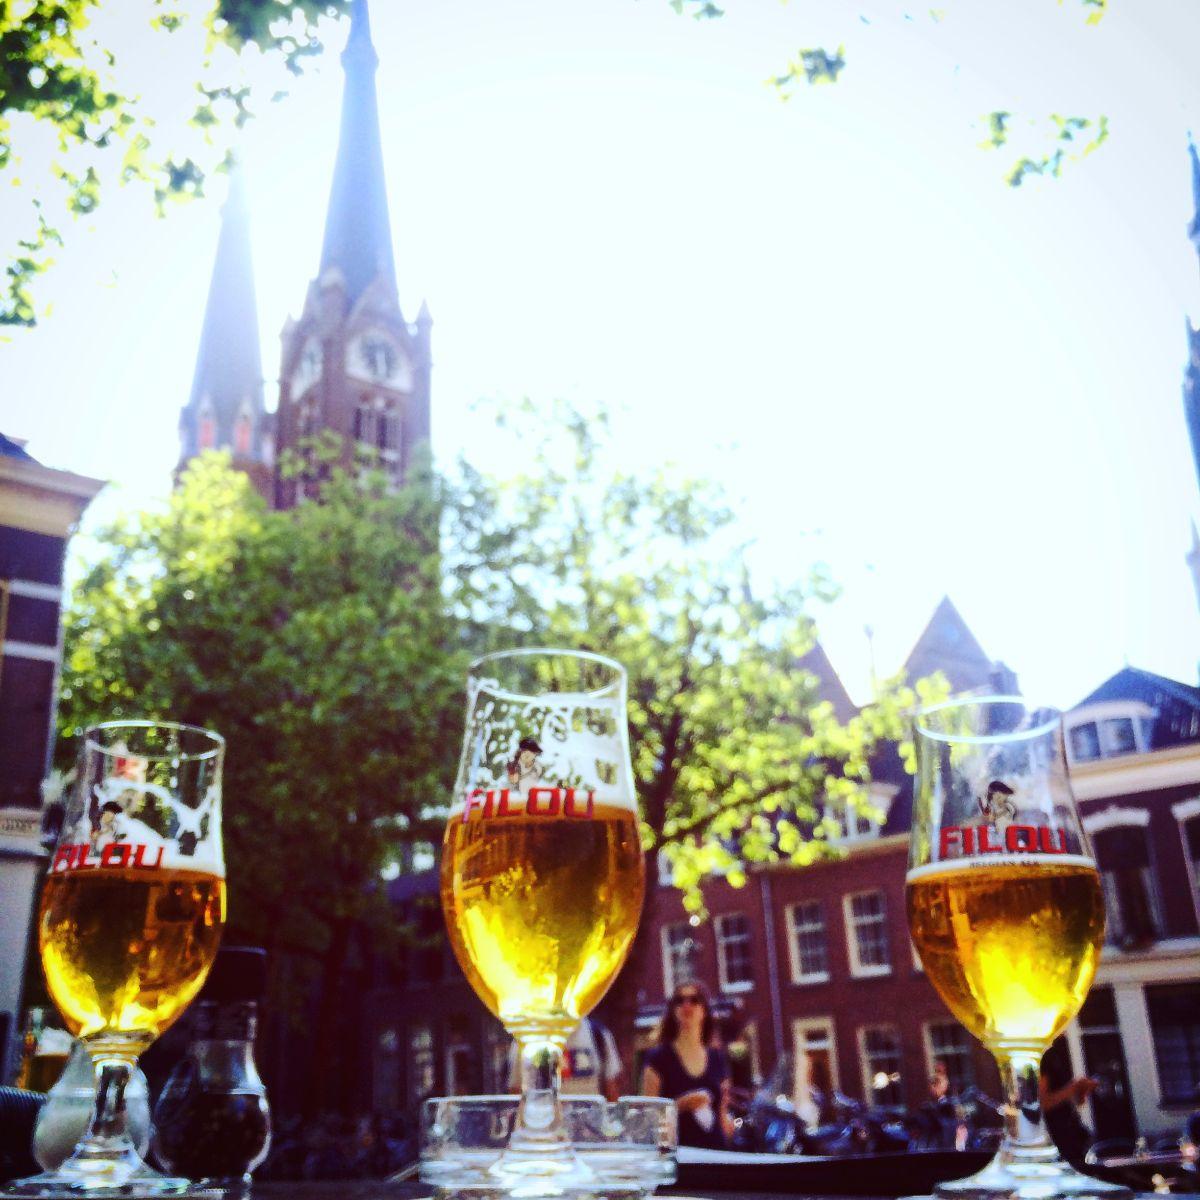 belgisch bier cafe belvedere bier drinken